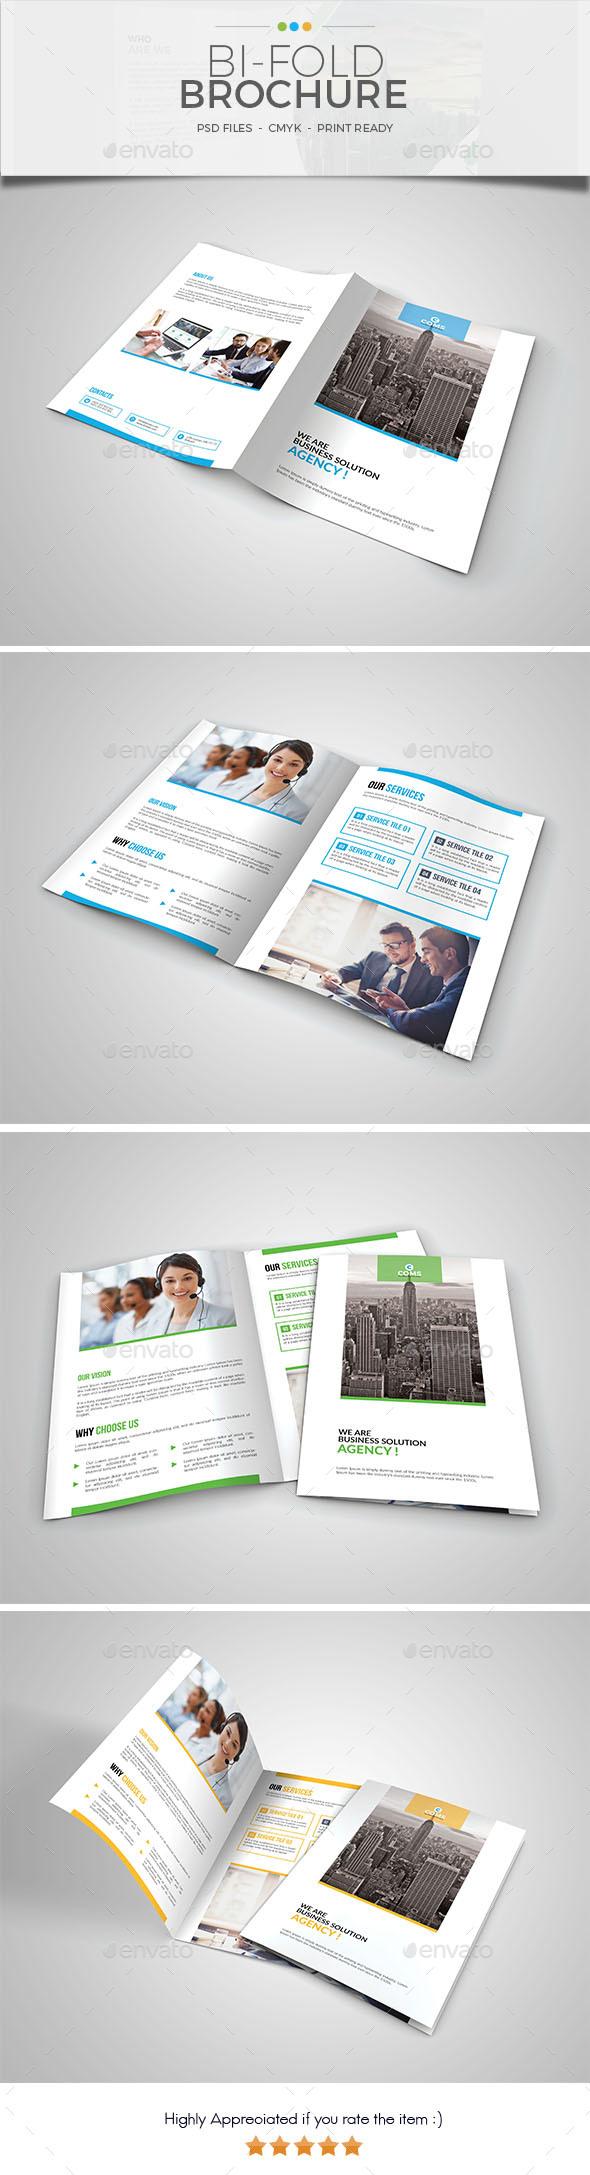 Corporate Bi Fold Brochure Template 04 - Corporate Brochures